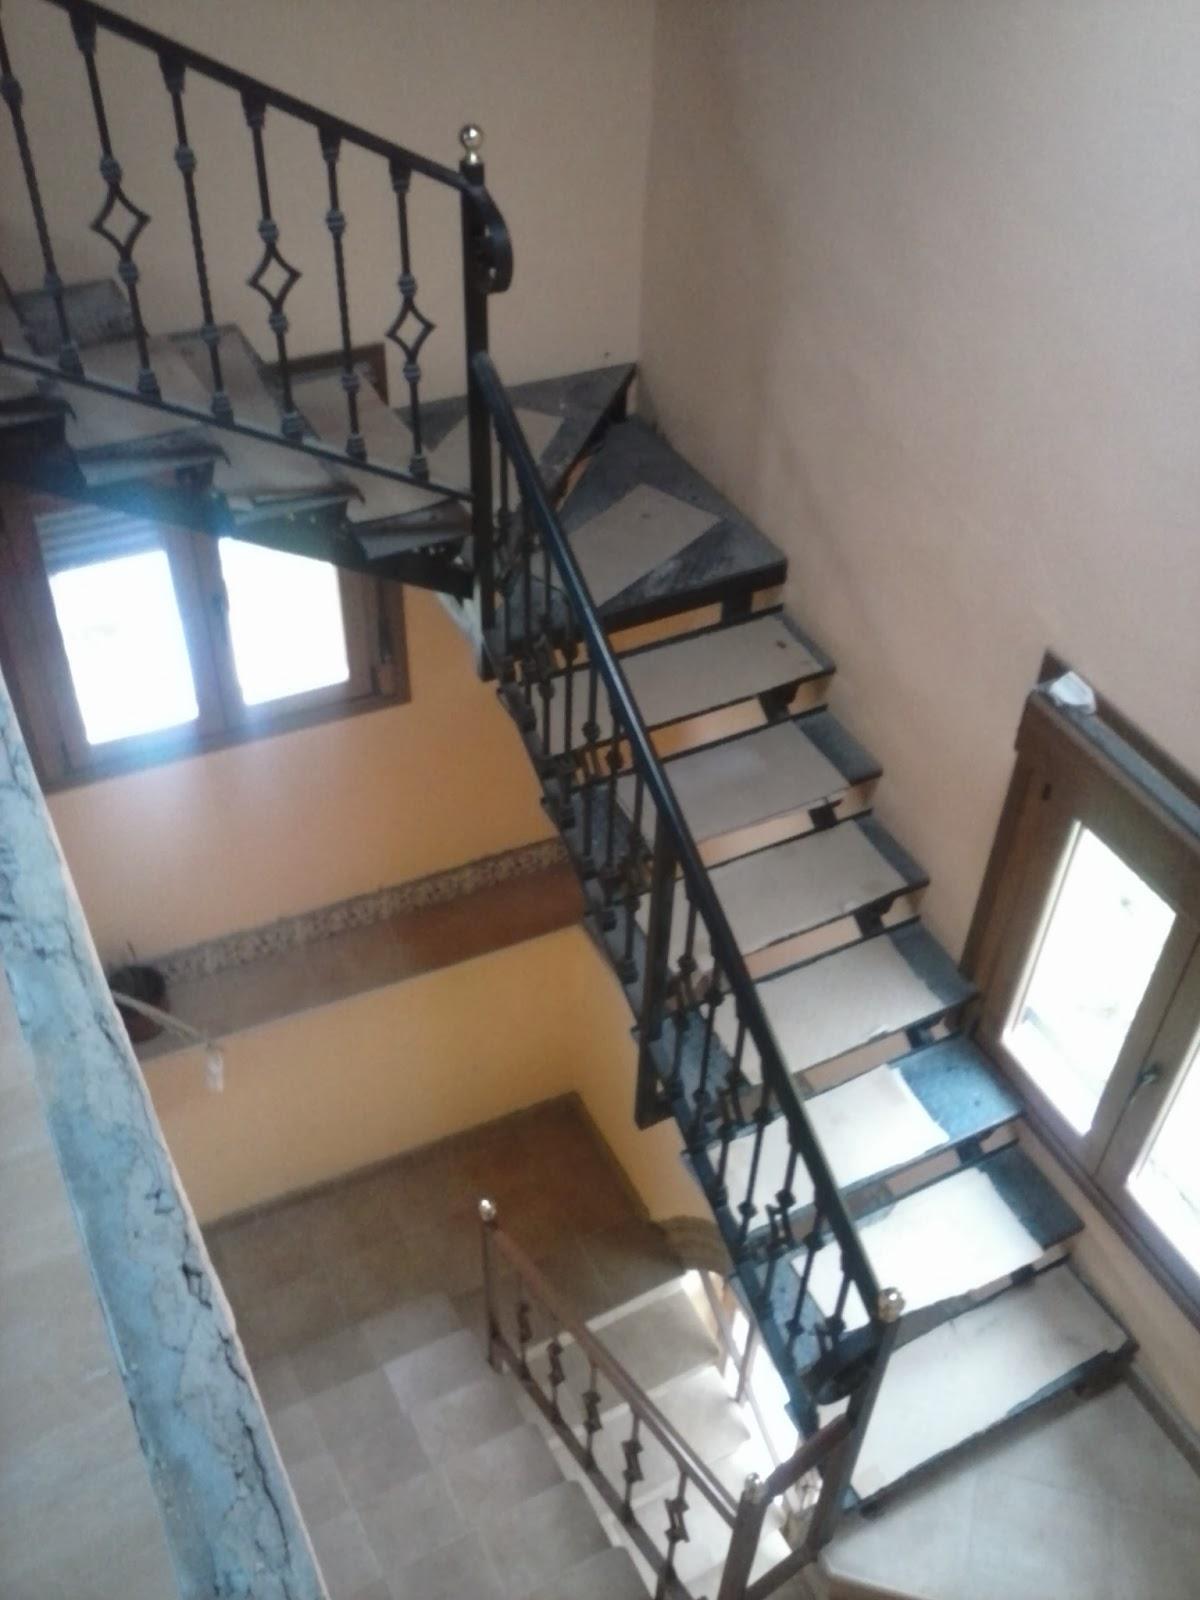 Mallando fierro estructuras de escaleras for Escalera 9 escalones